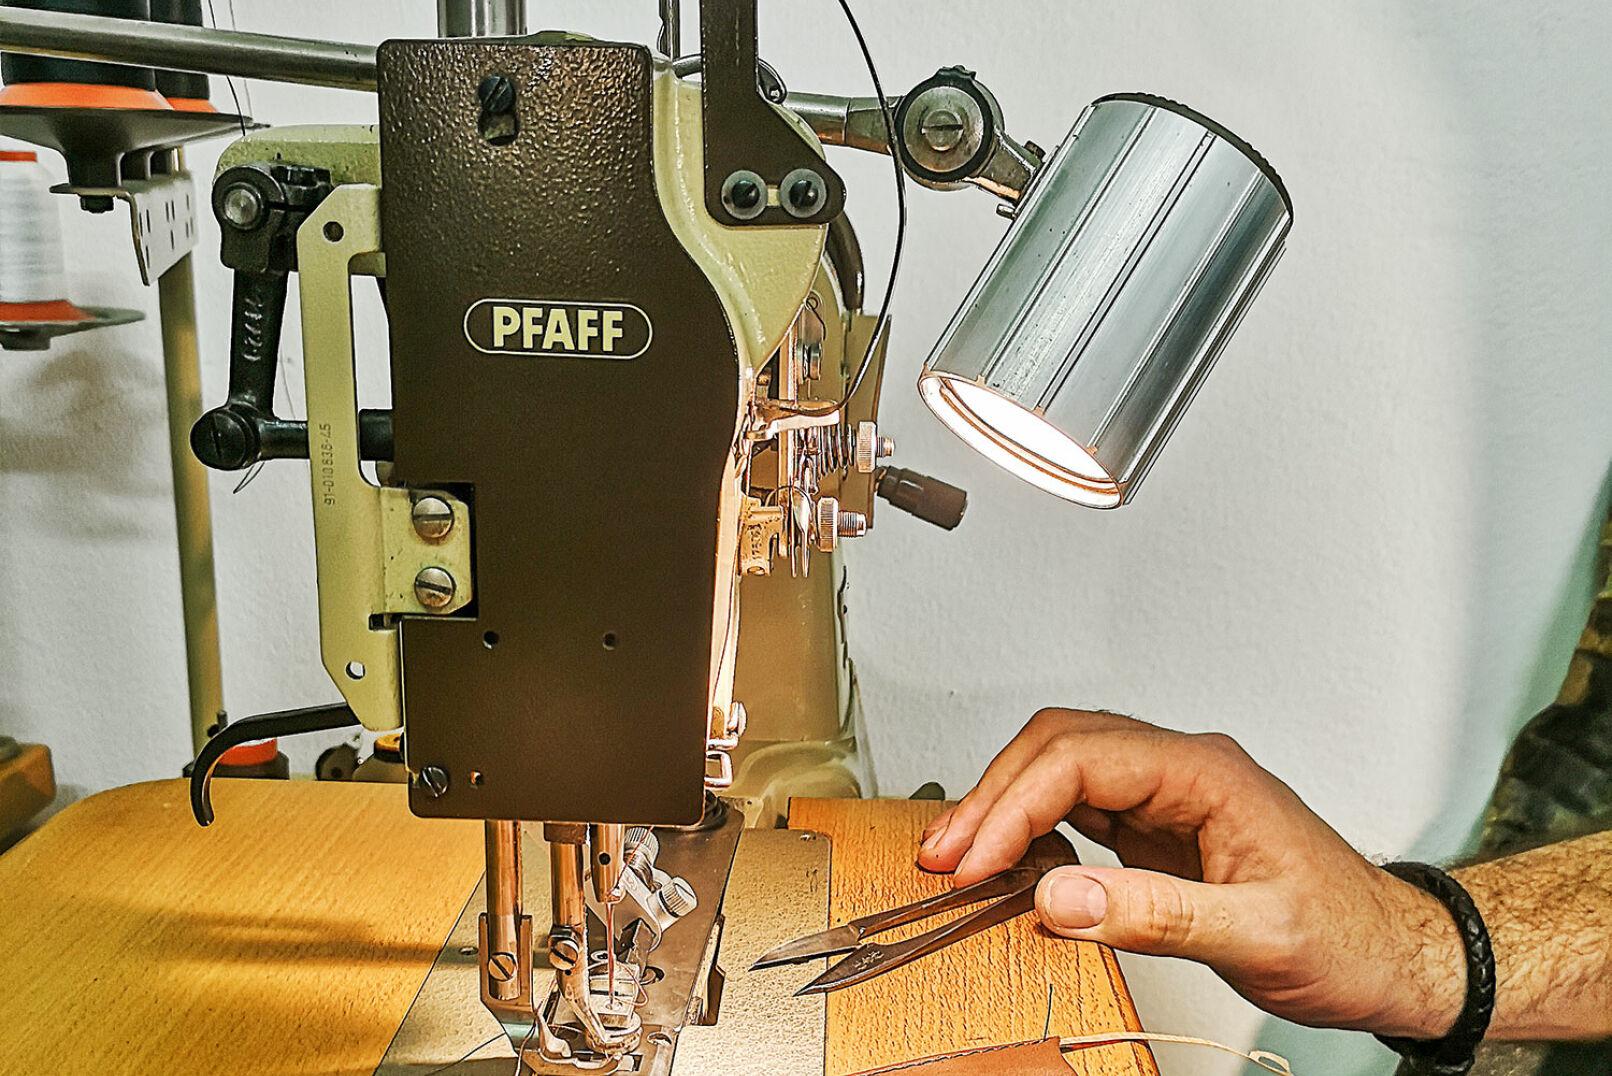 Eines der wichtigsten Arbeitsgeräte ist die Pfaff-Nähmaschine. - © Michaela Landbauer